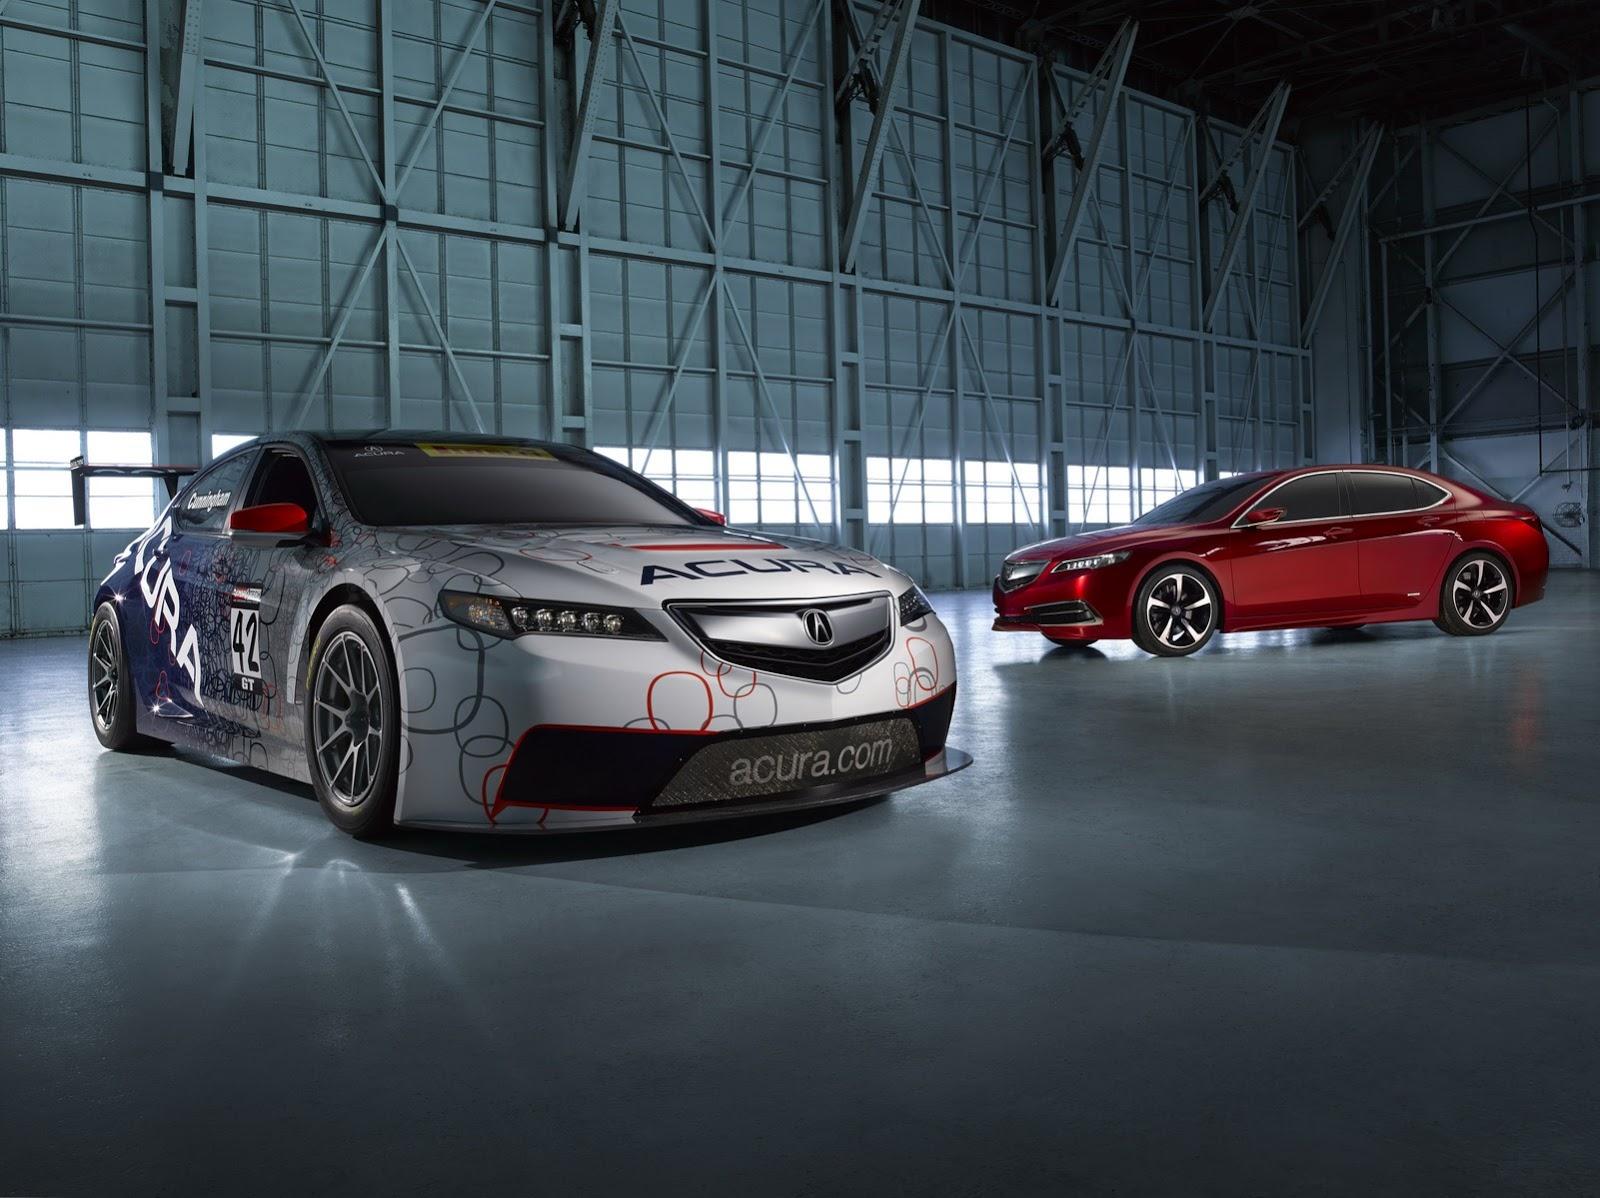 2014 - [Acura] TLX Acura-2015-TLX-GT-Race-Car-2%25255B3%25255D